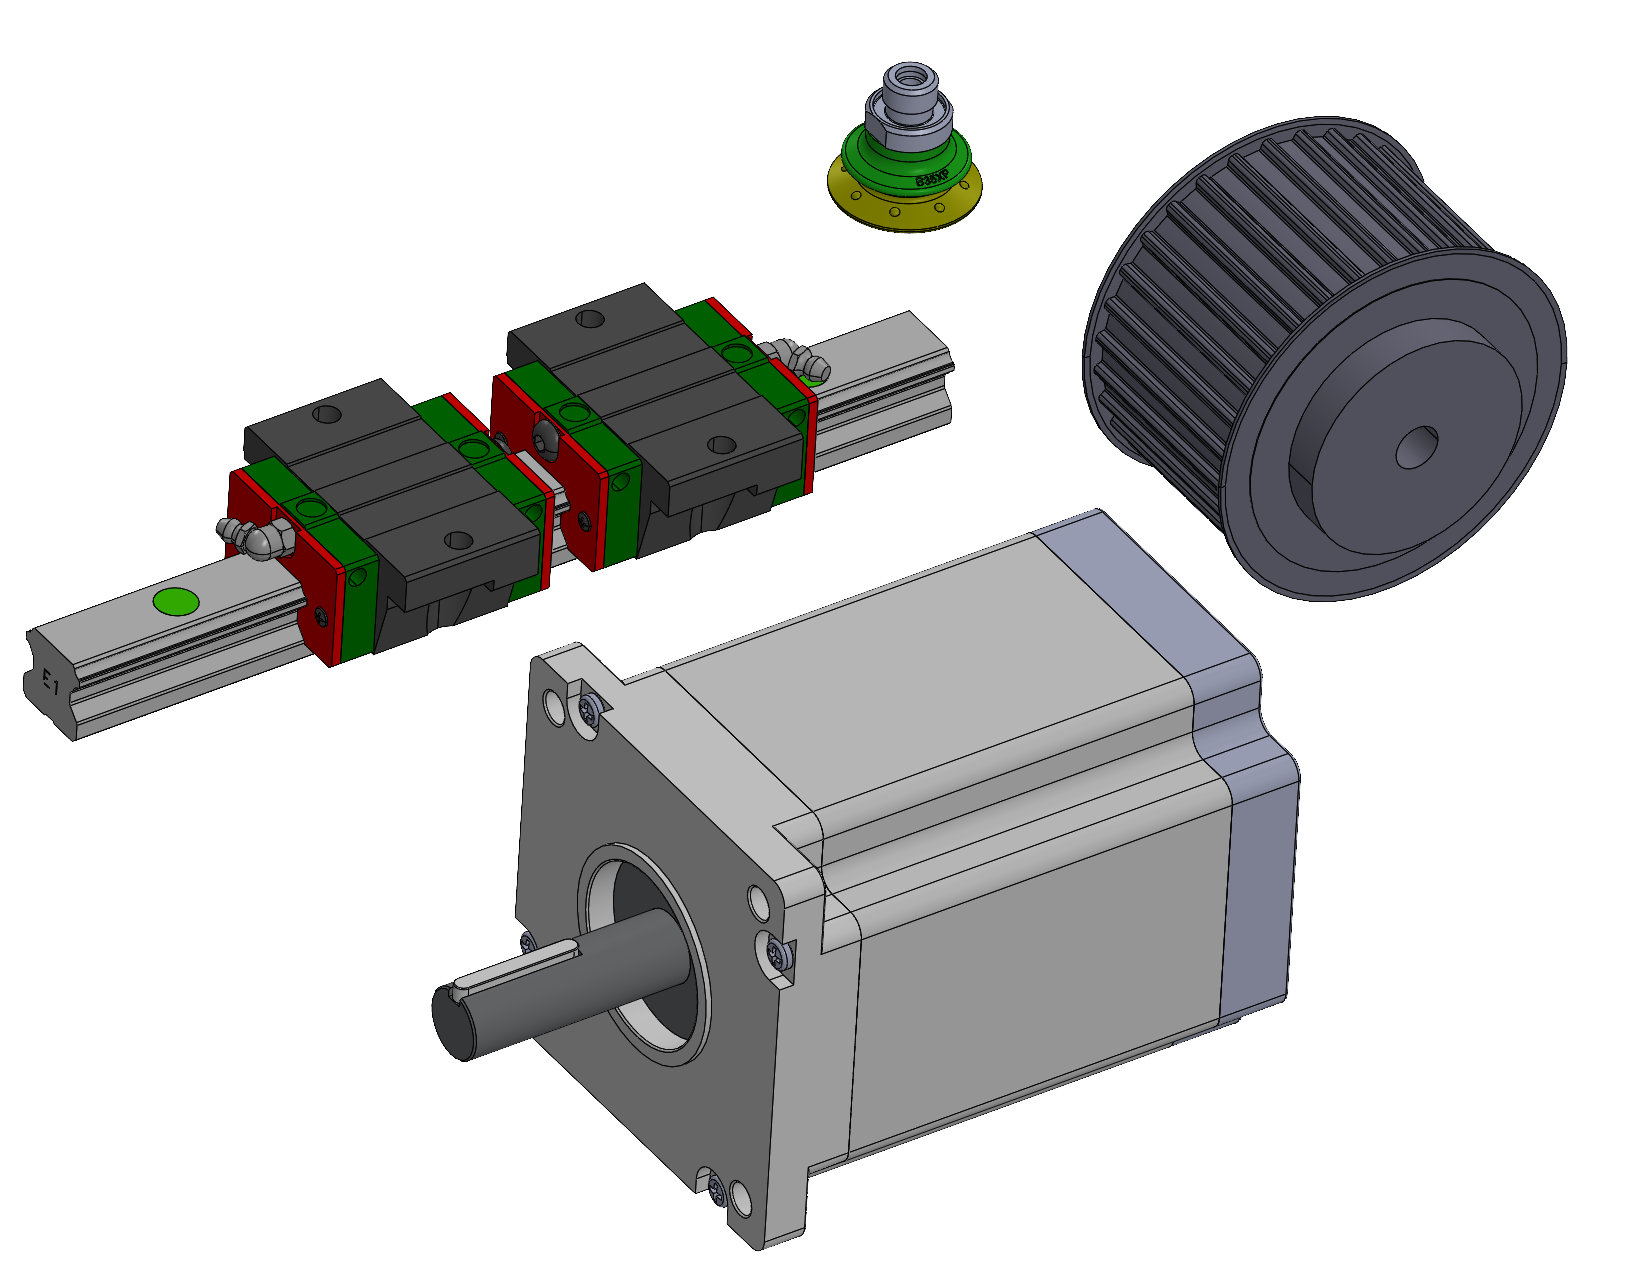 Download 3D CAD filer